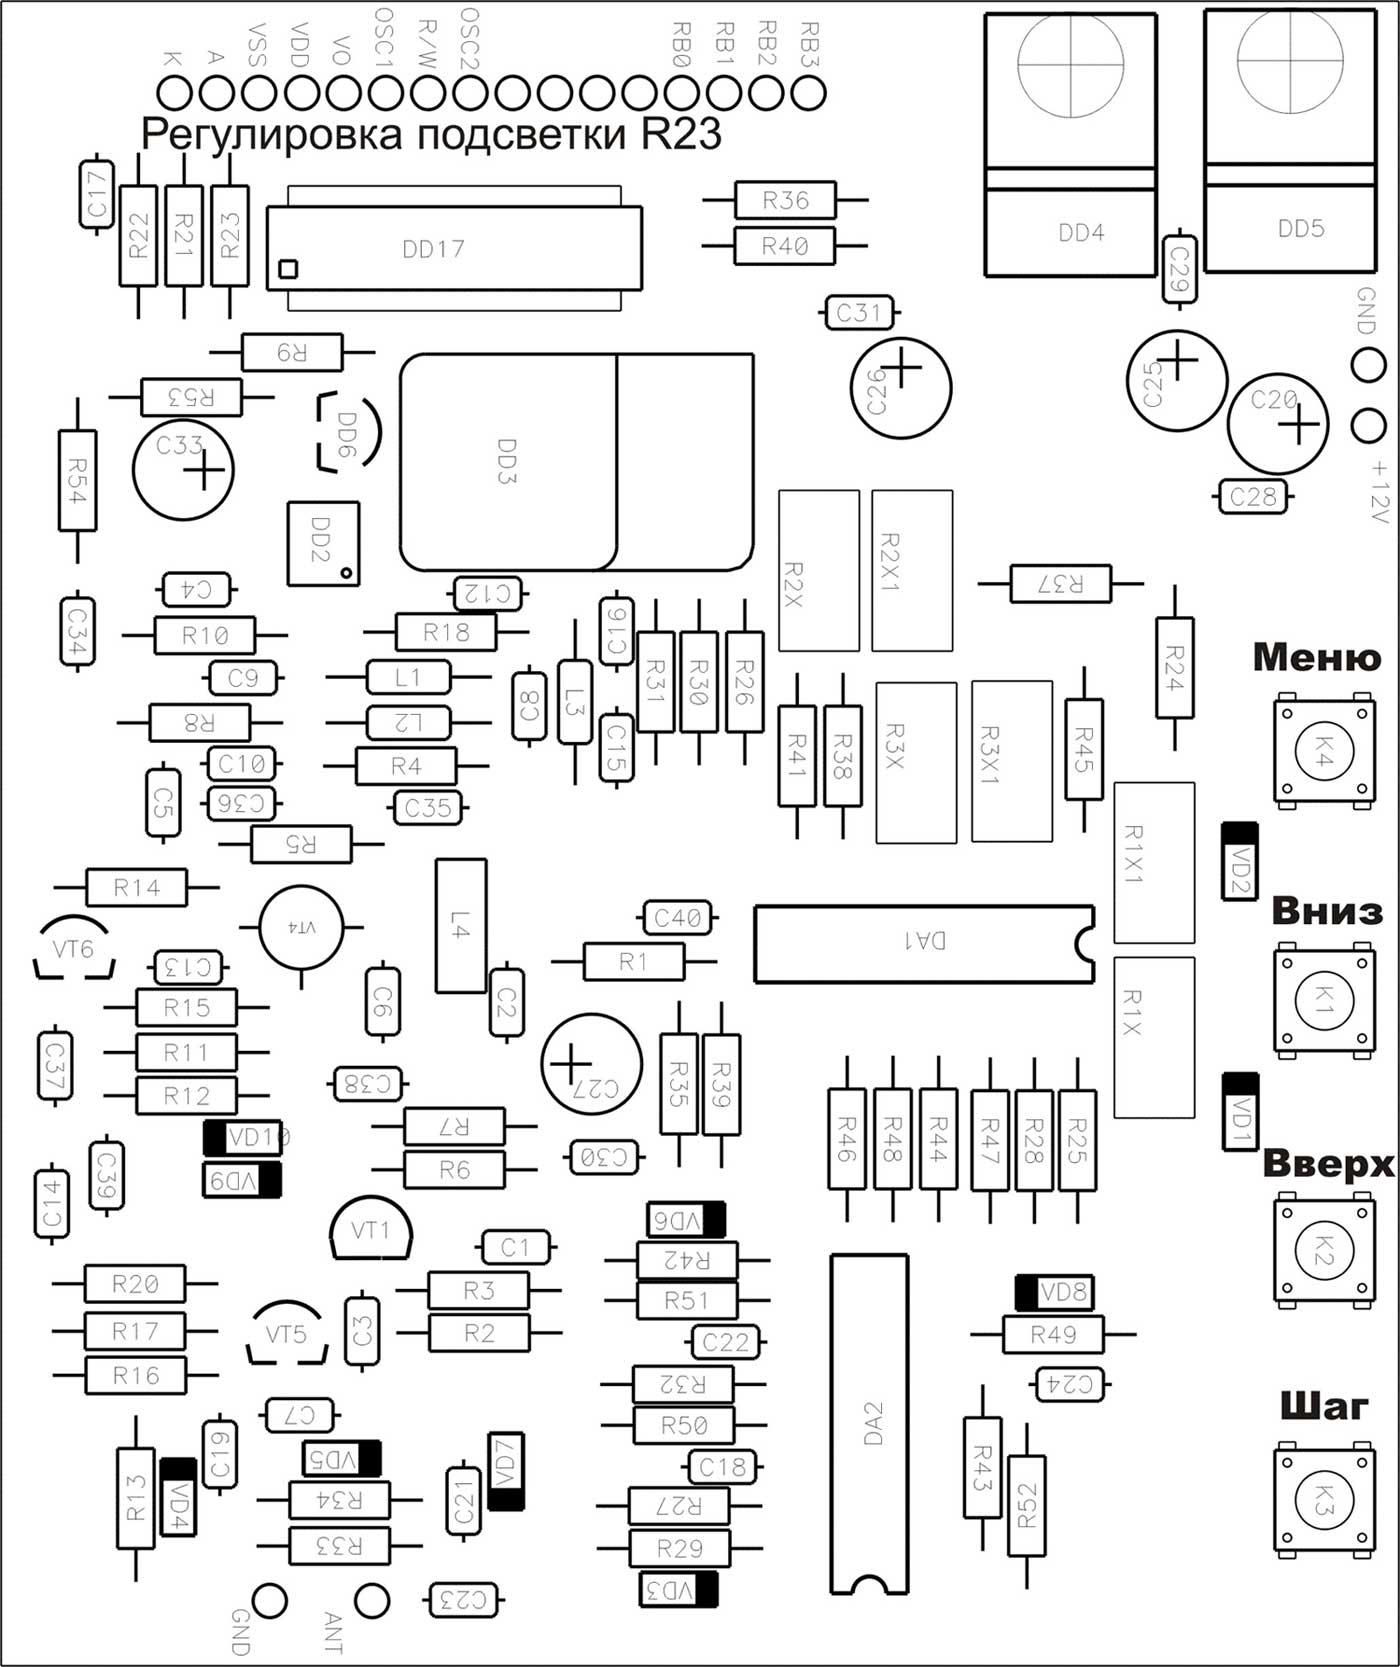 анализаторы антенн схема